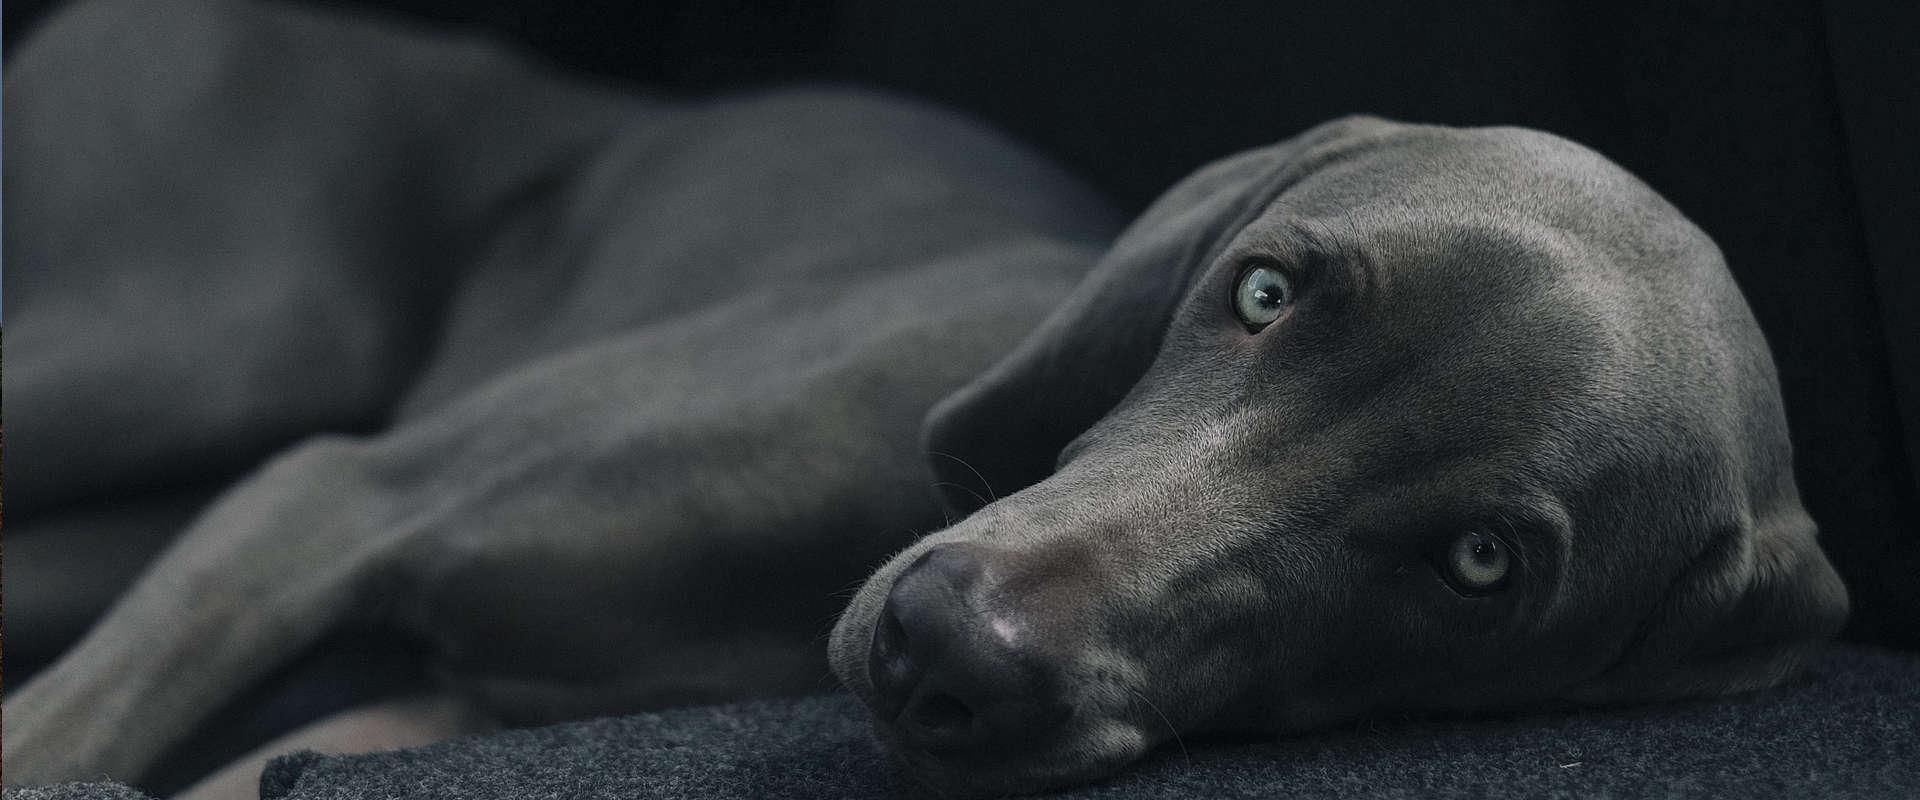 Acheter un chien de race dans un élevage